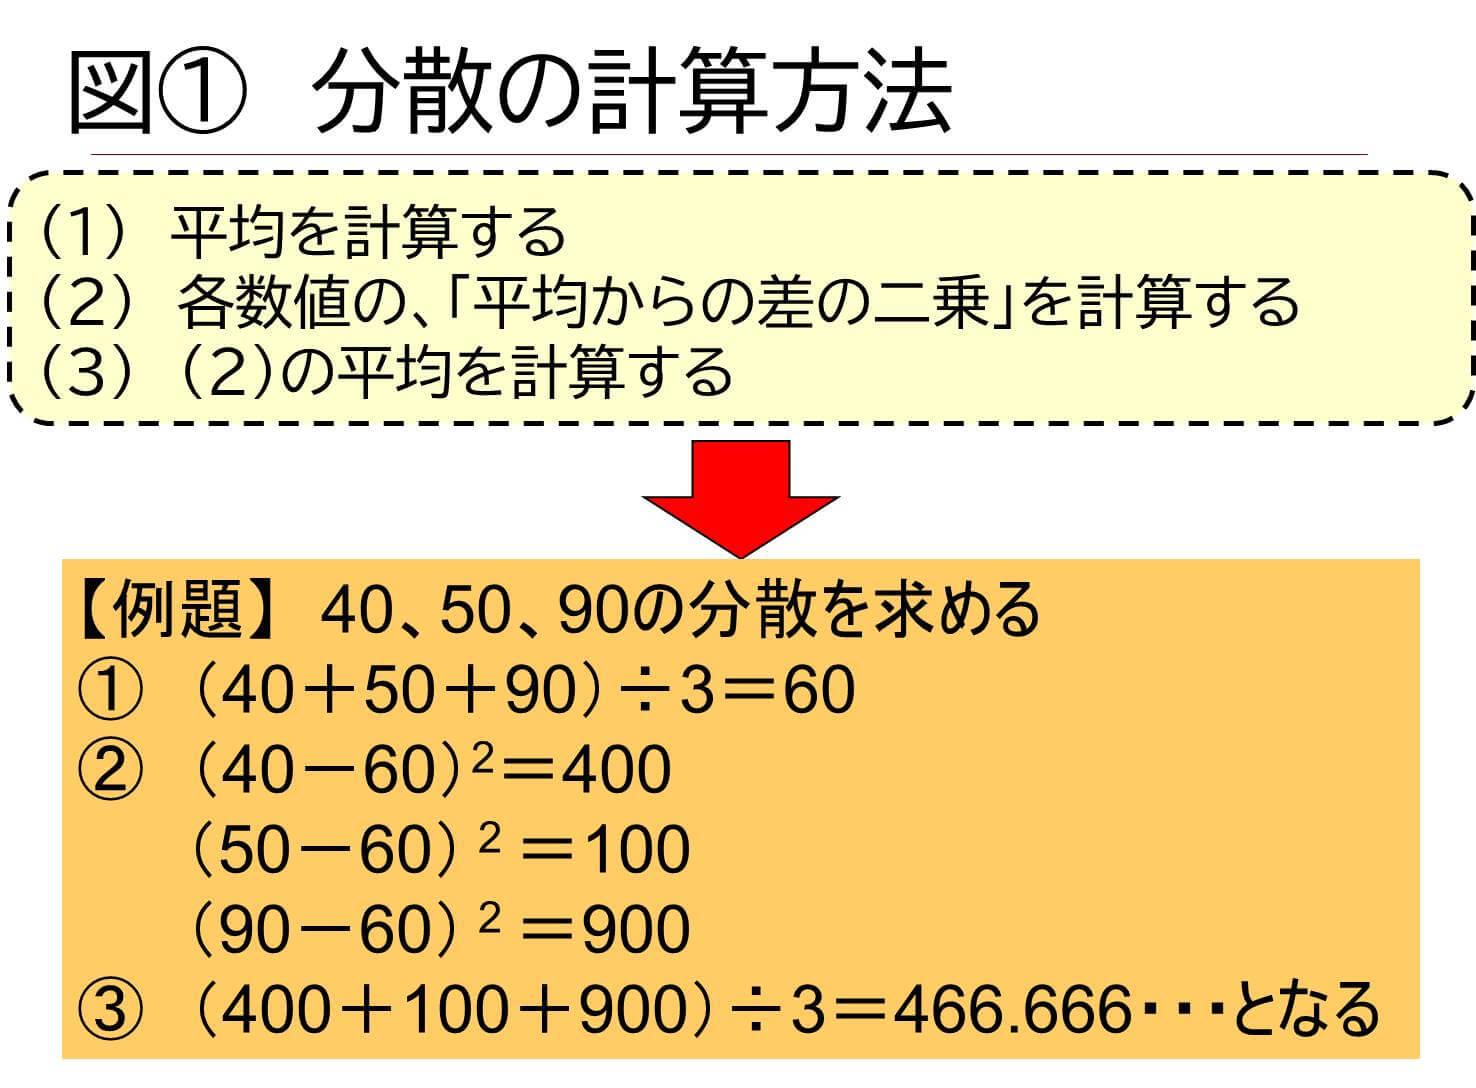 分散の計算方法